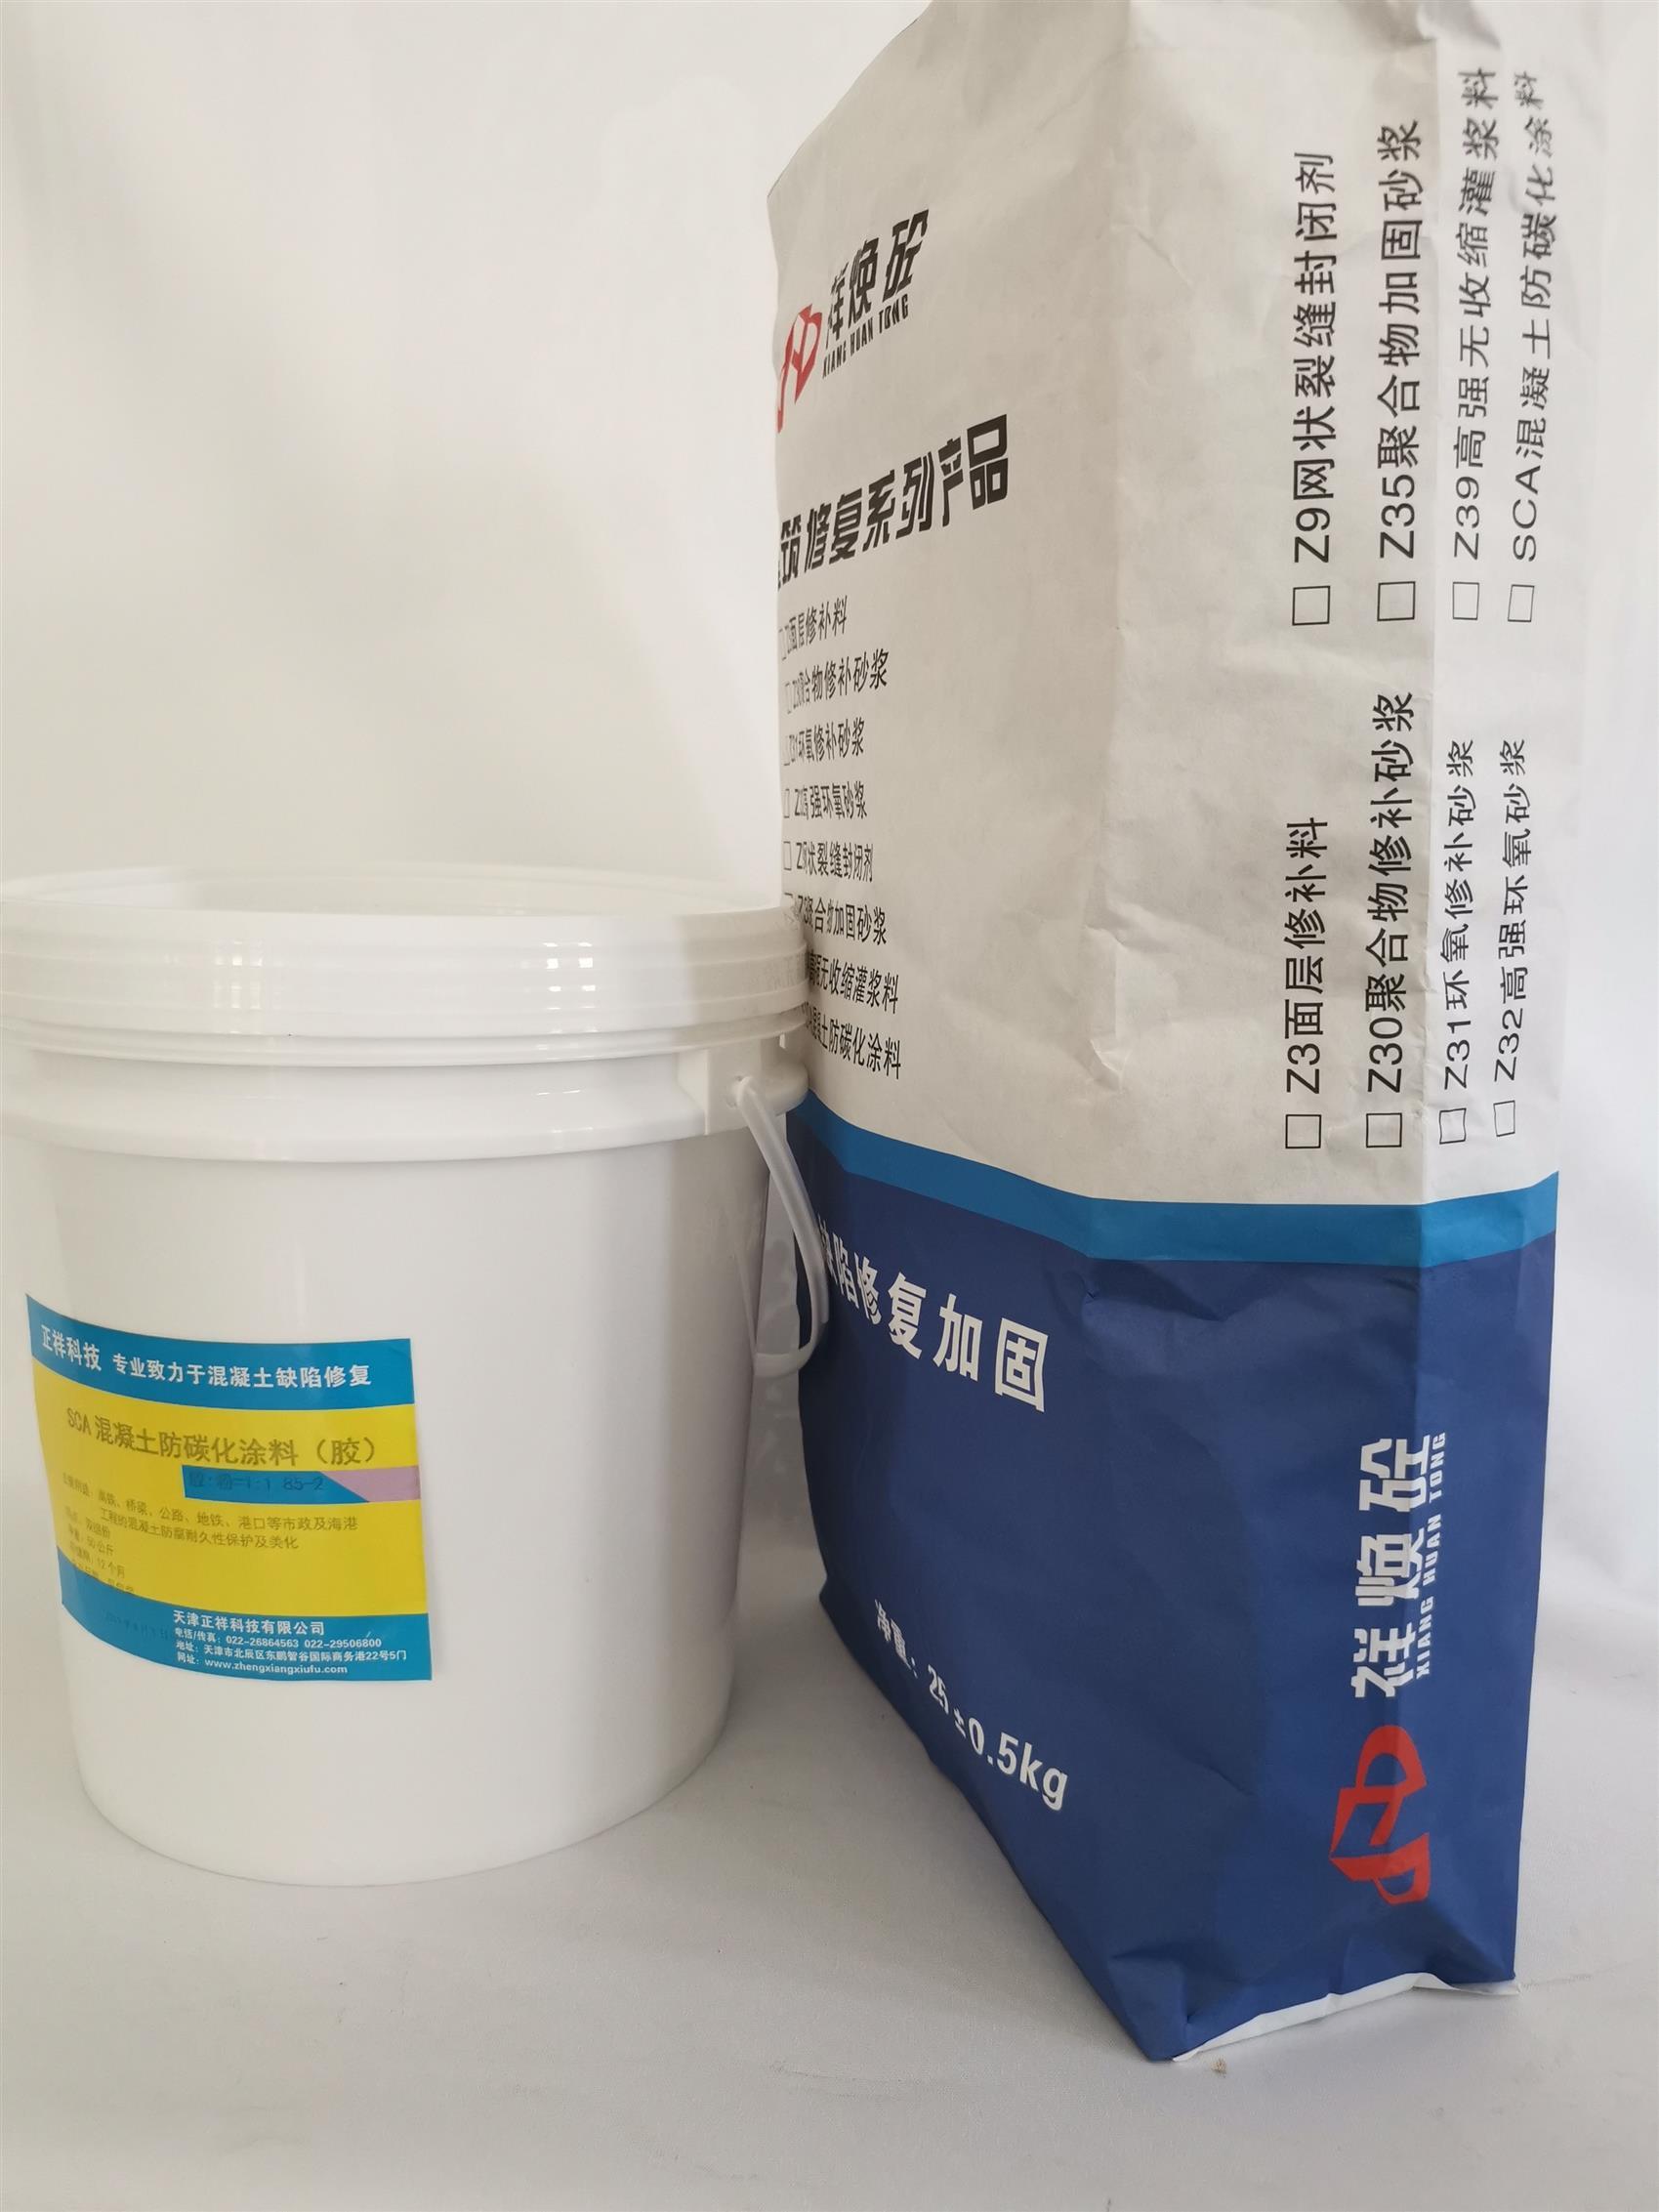 承德混凝土防碳化涂料廠家批發 防碳化涂料 改性水泥聚合物混凝土防護涂料